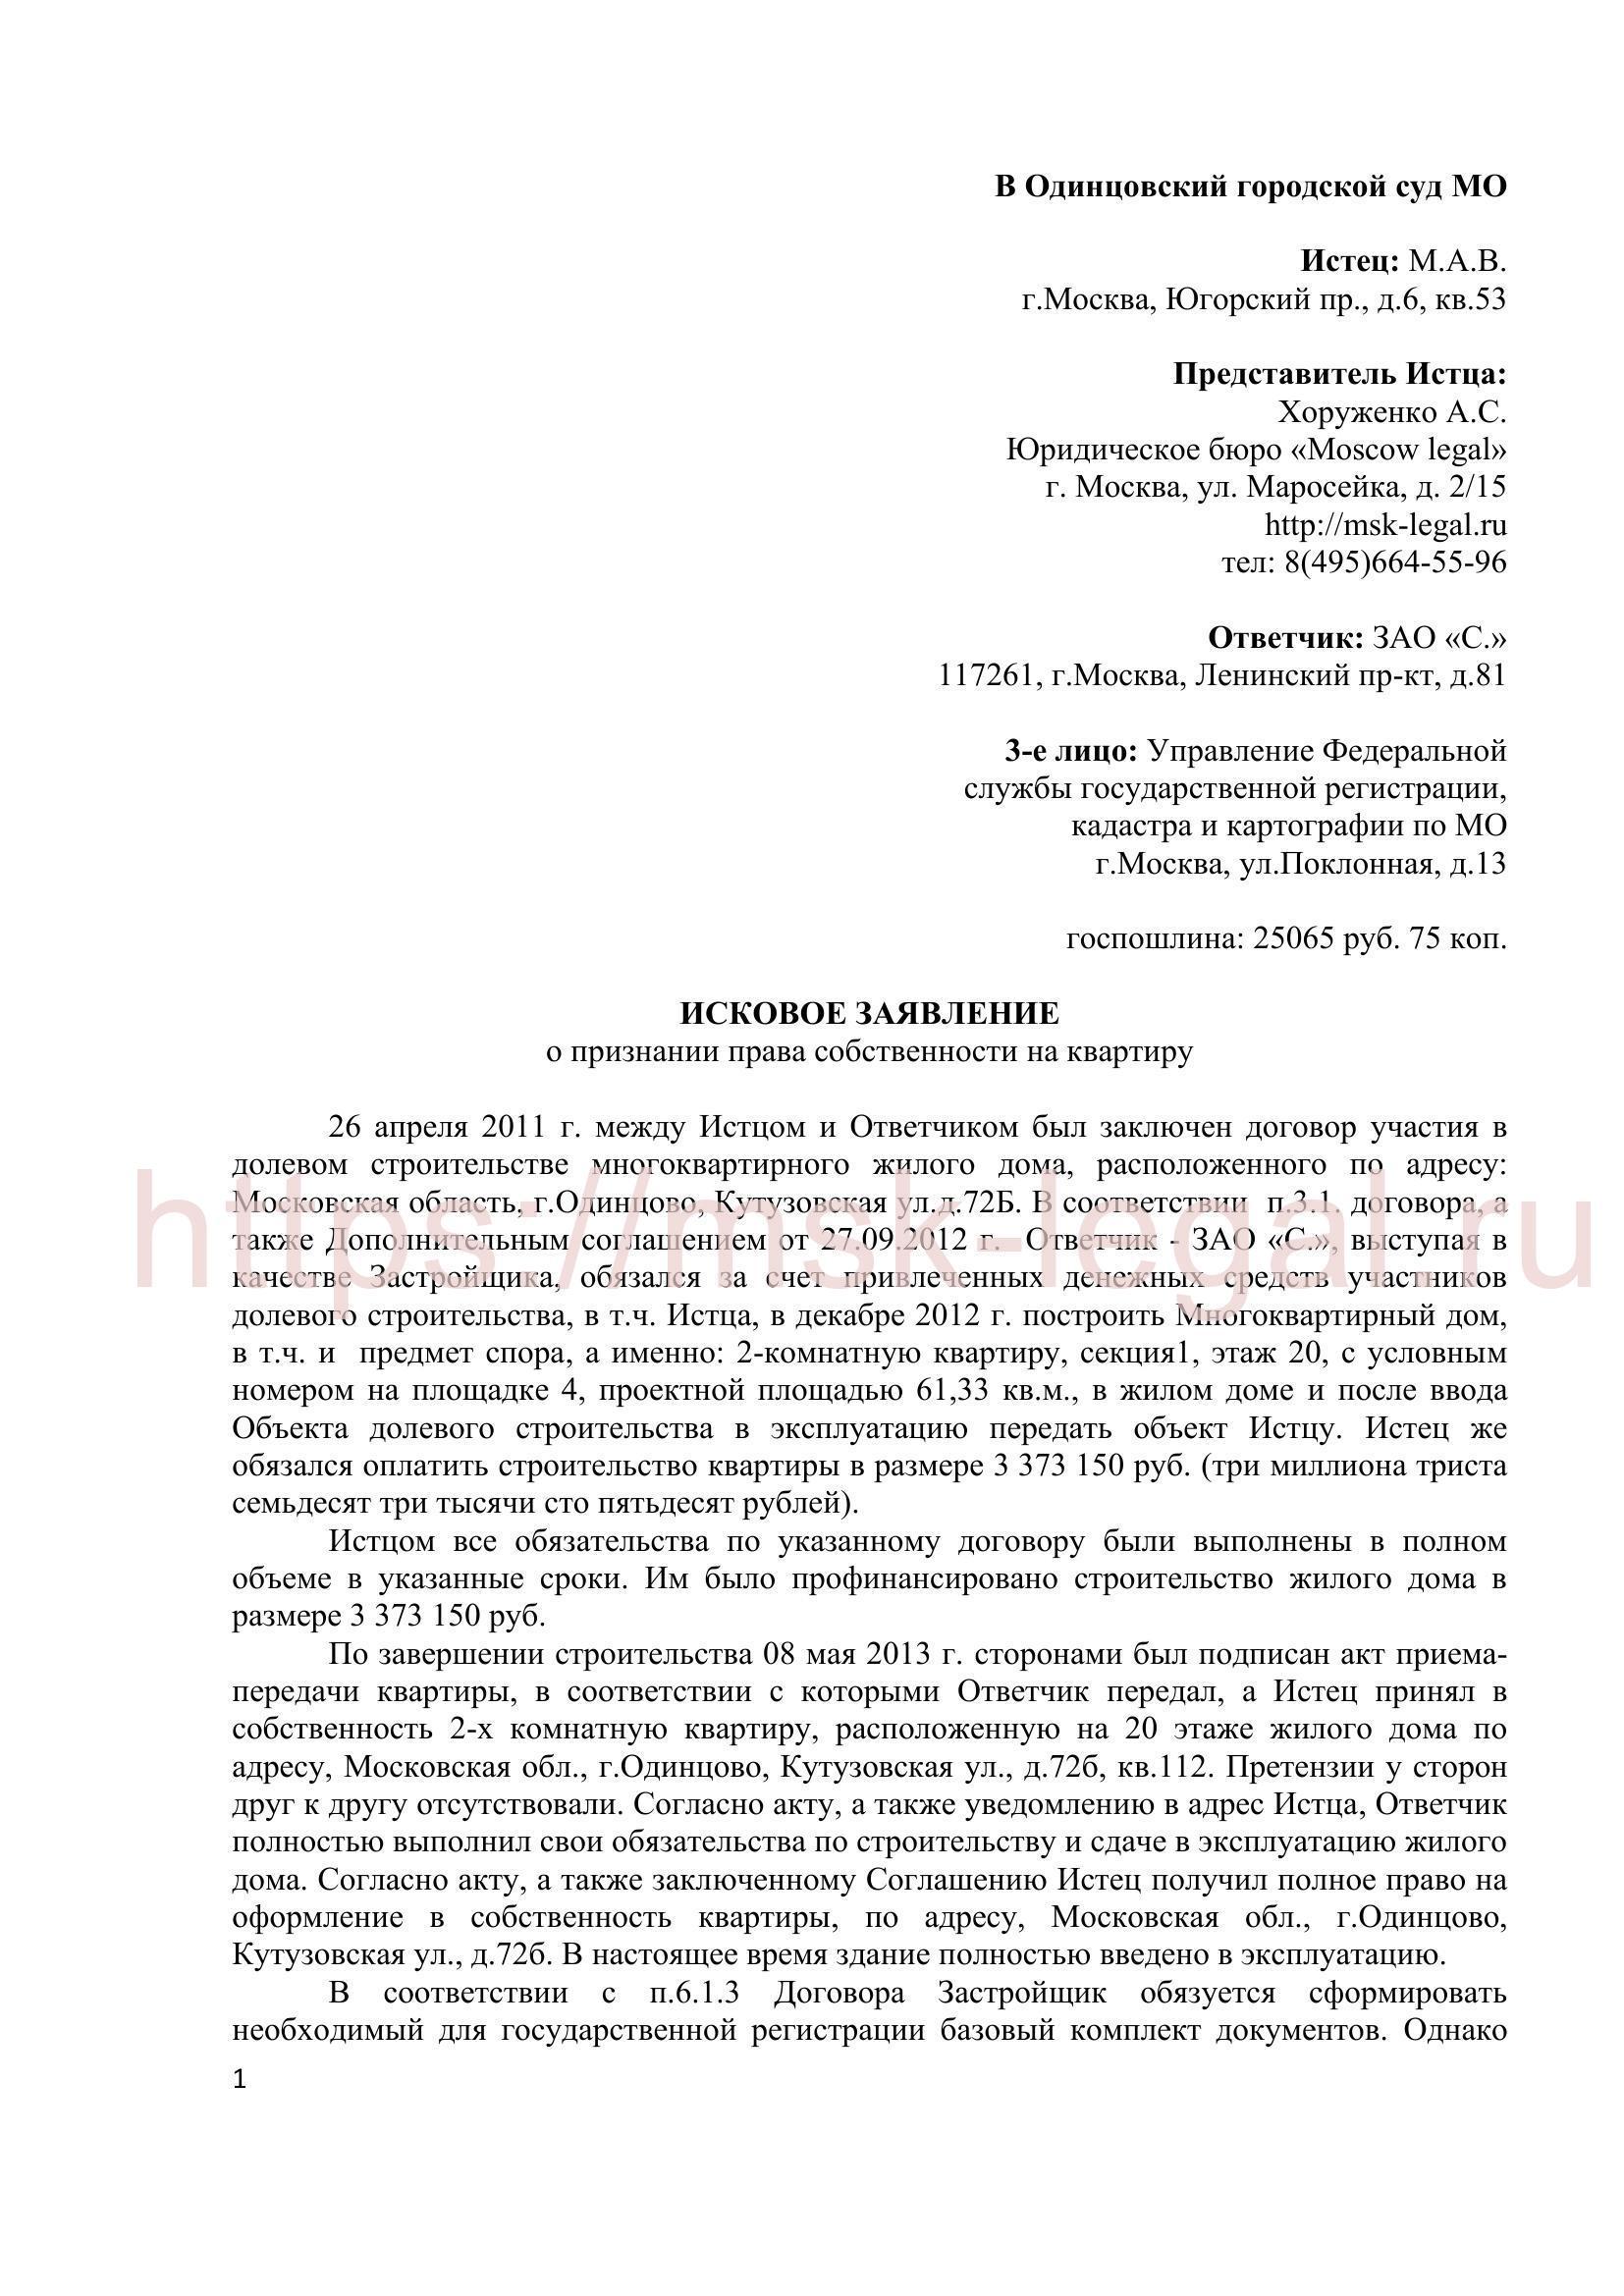 Иск о признании права собственности на новостройку